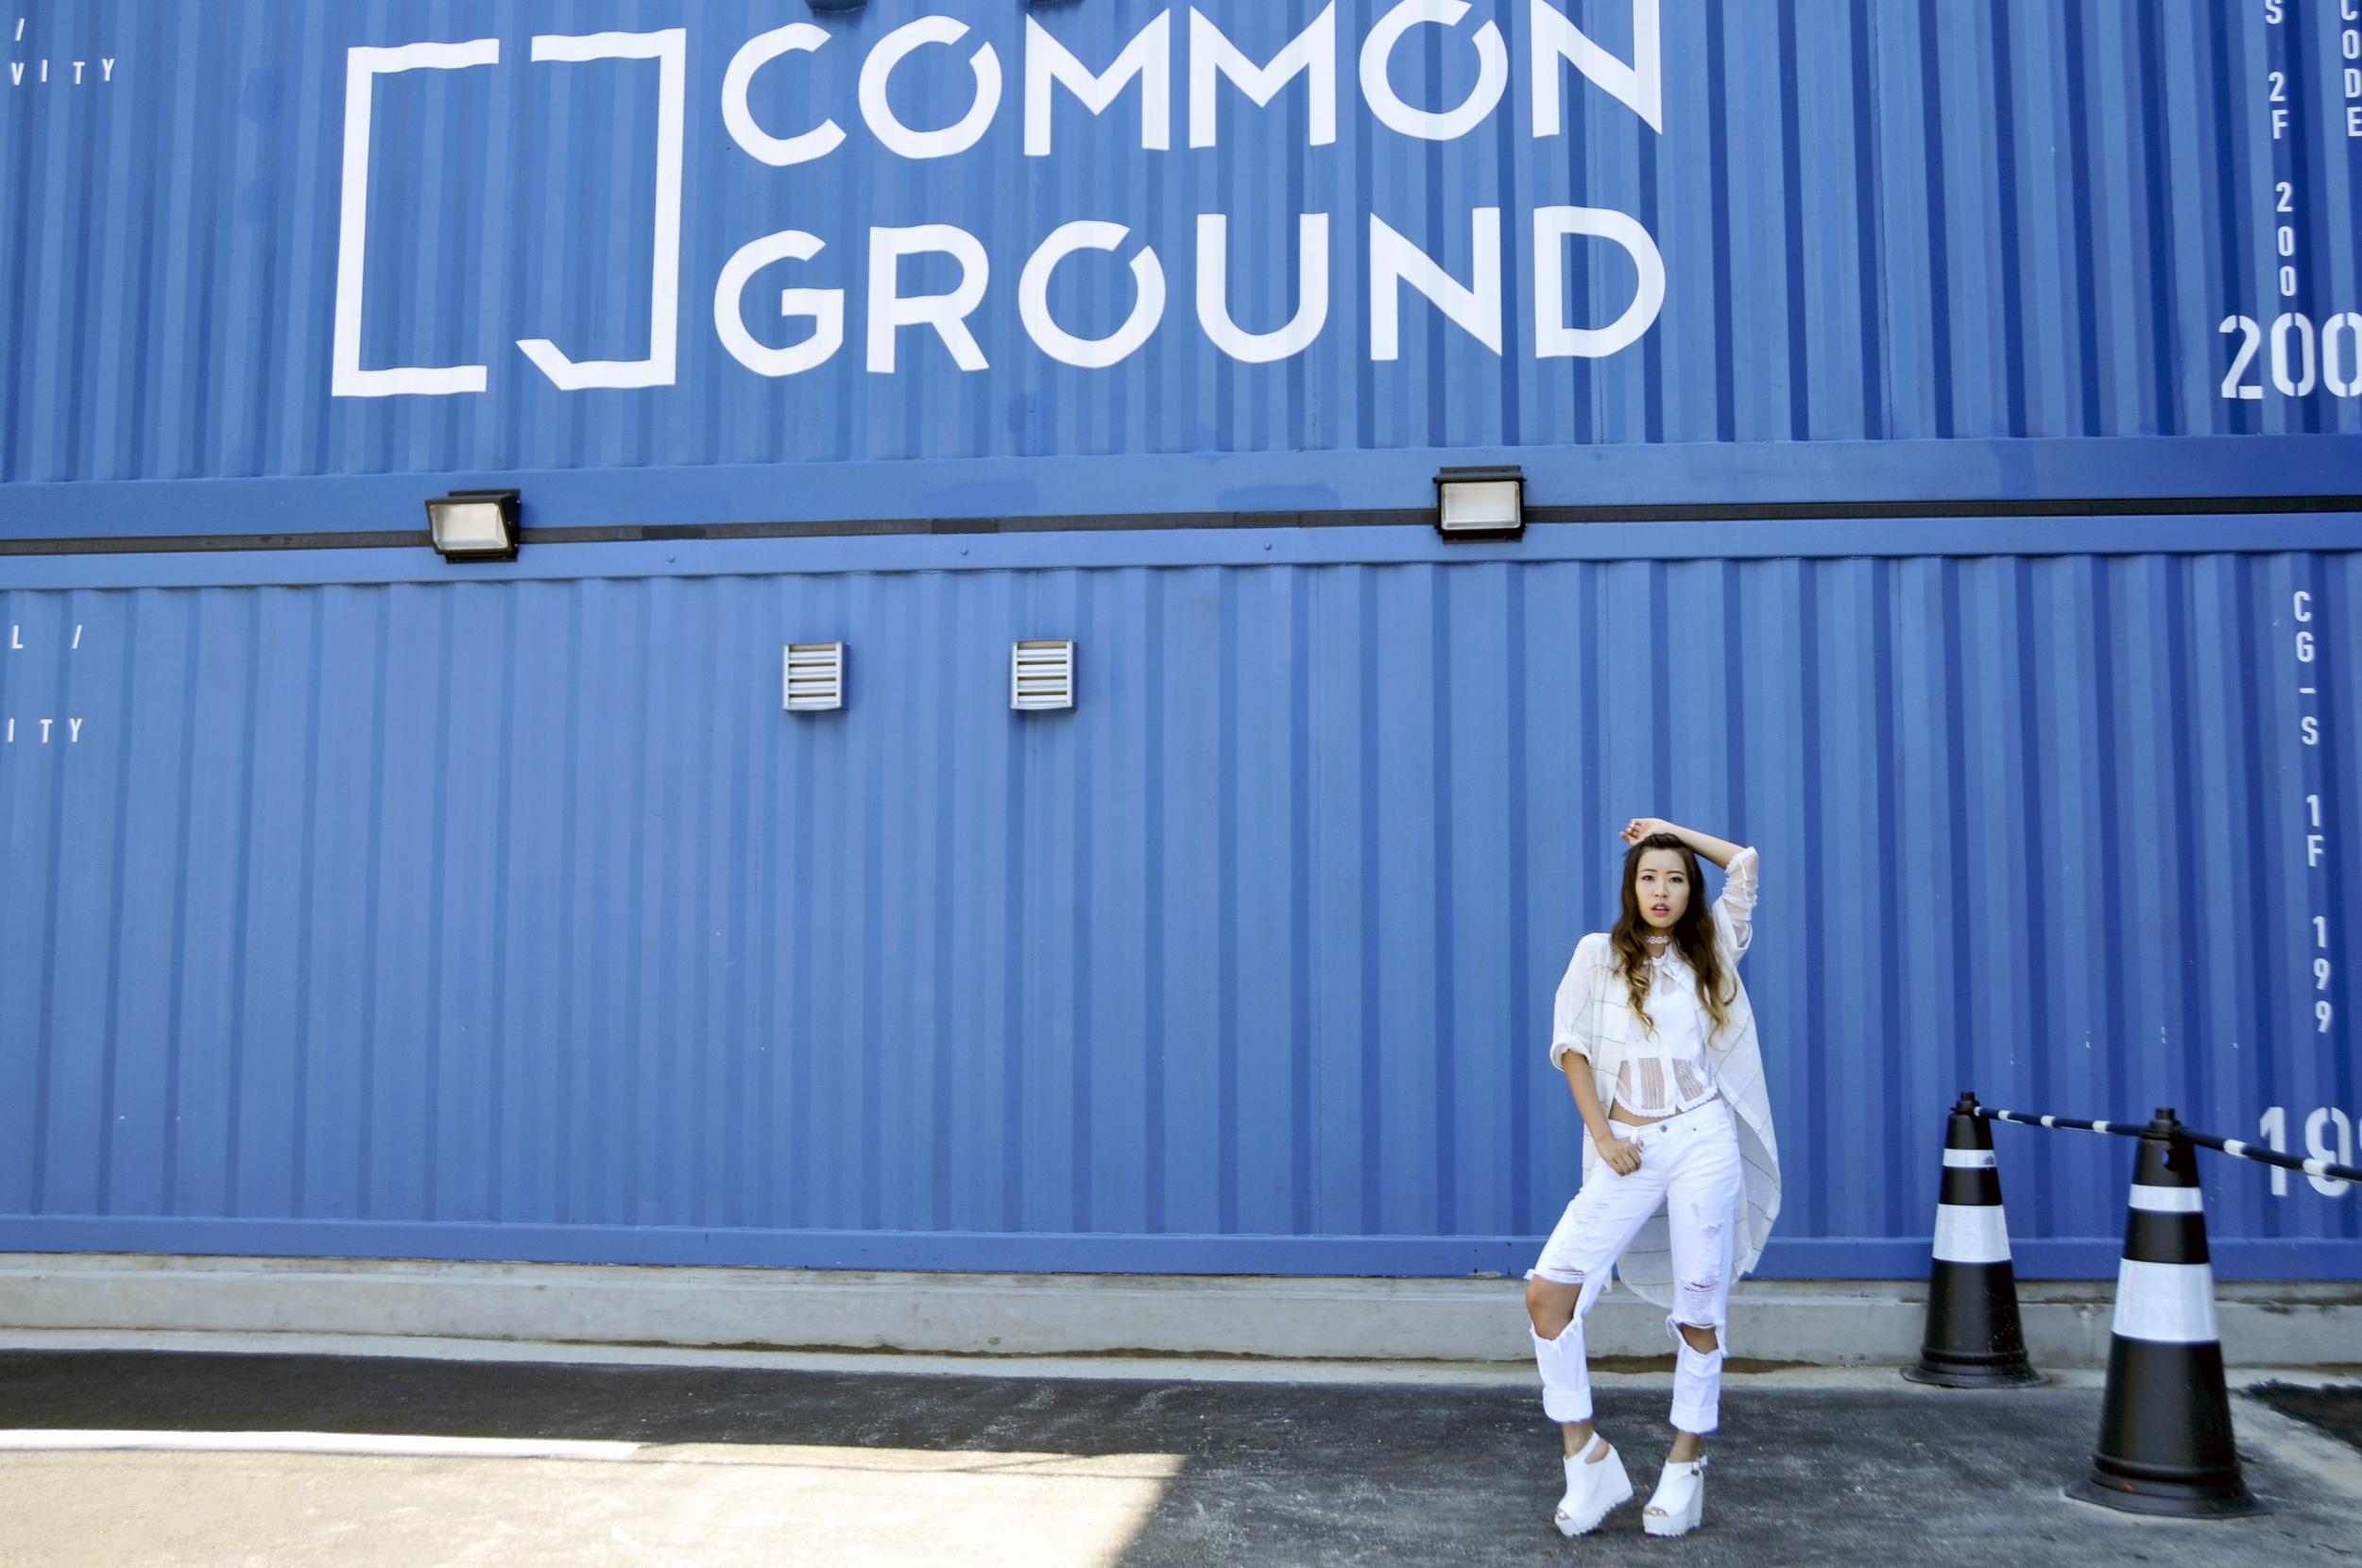 CommonGround_2